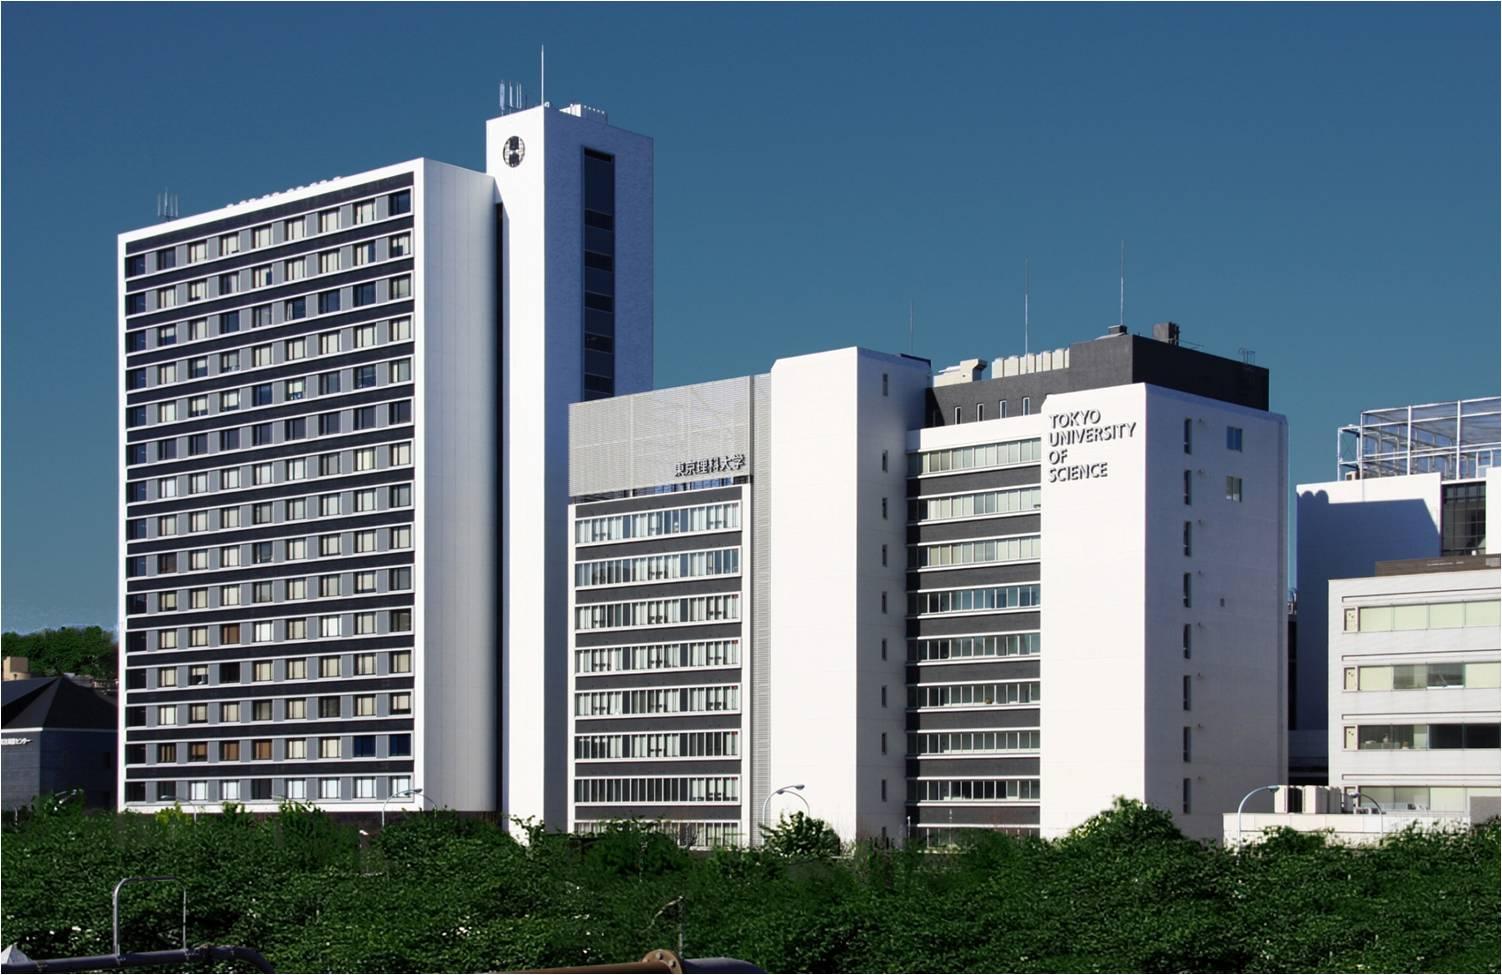 大学 鮫島 るい 近畿